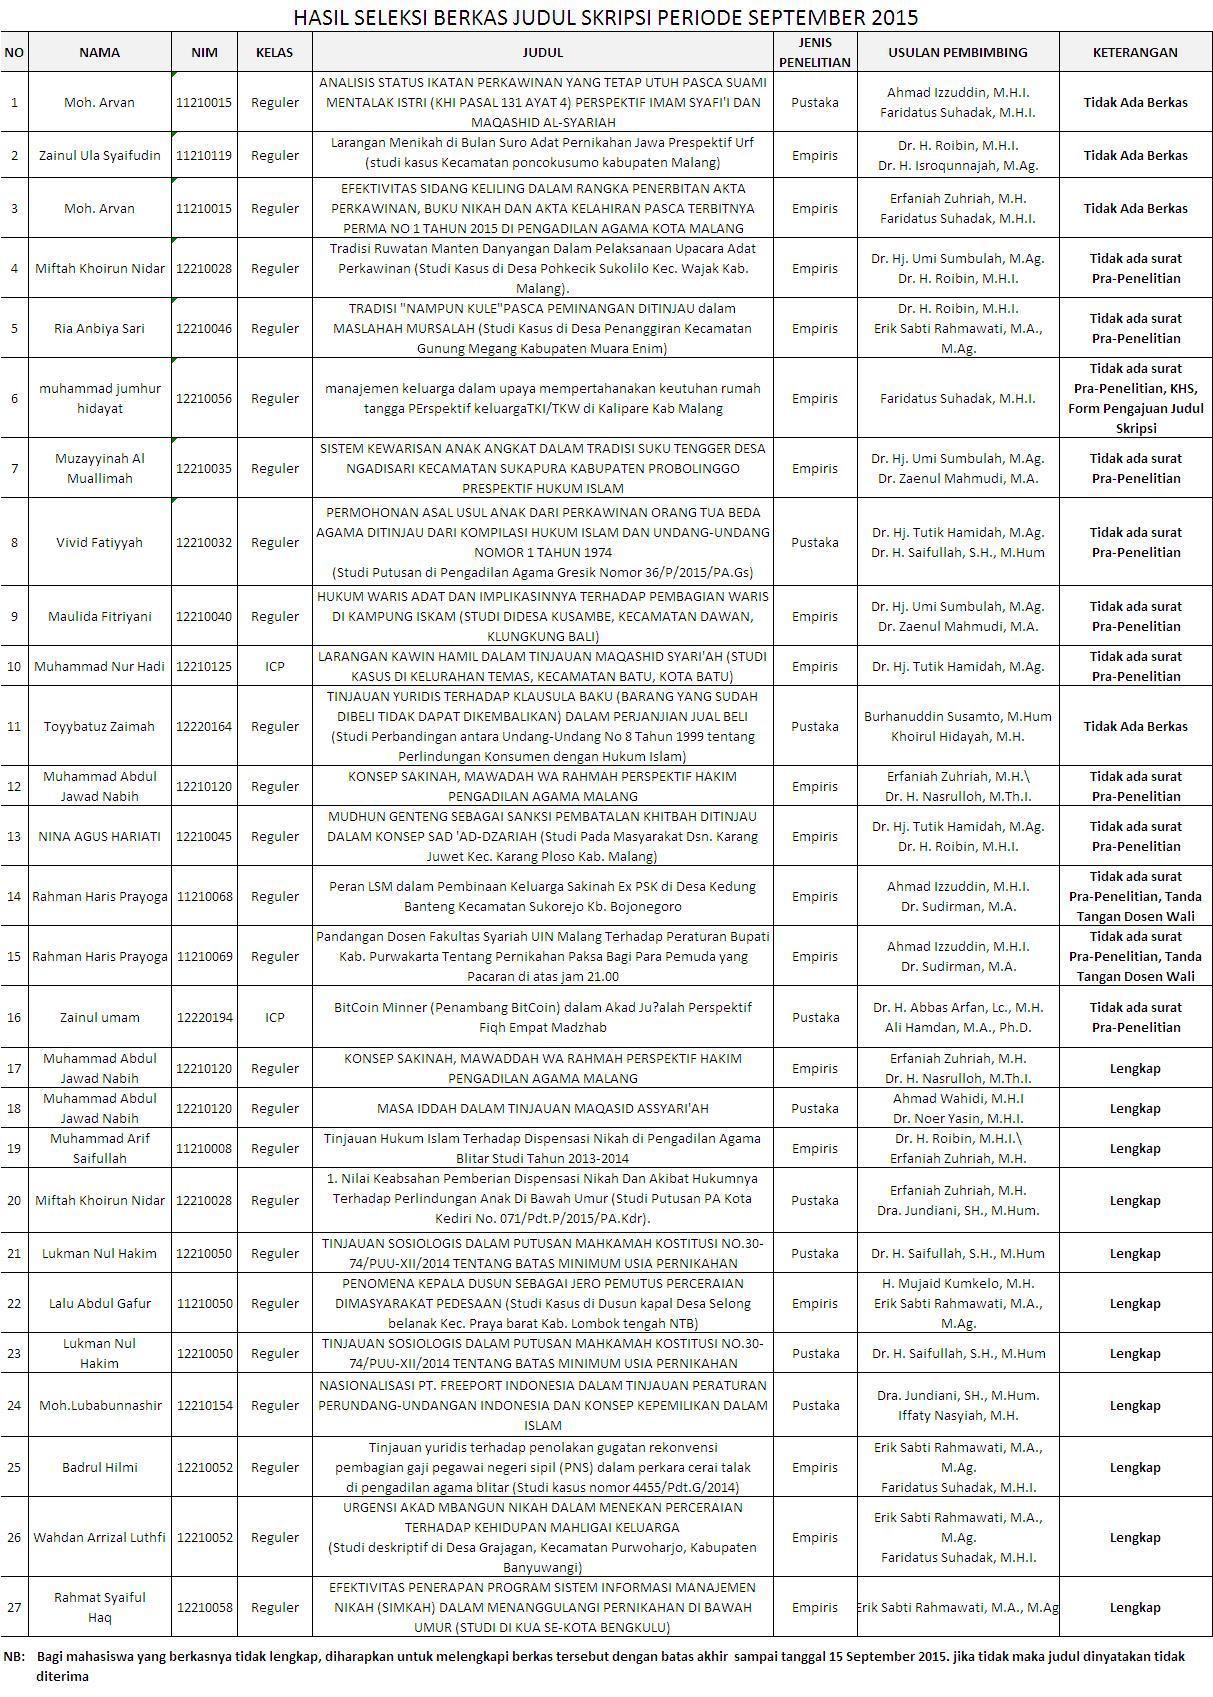 Hasil Seleksi Berkas Judul Skripsi Periode September 2015 Jurusan Hukum Keluarga Fakultas Syariah Uin Maulana Malik Ibrahim Malang